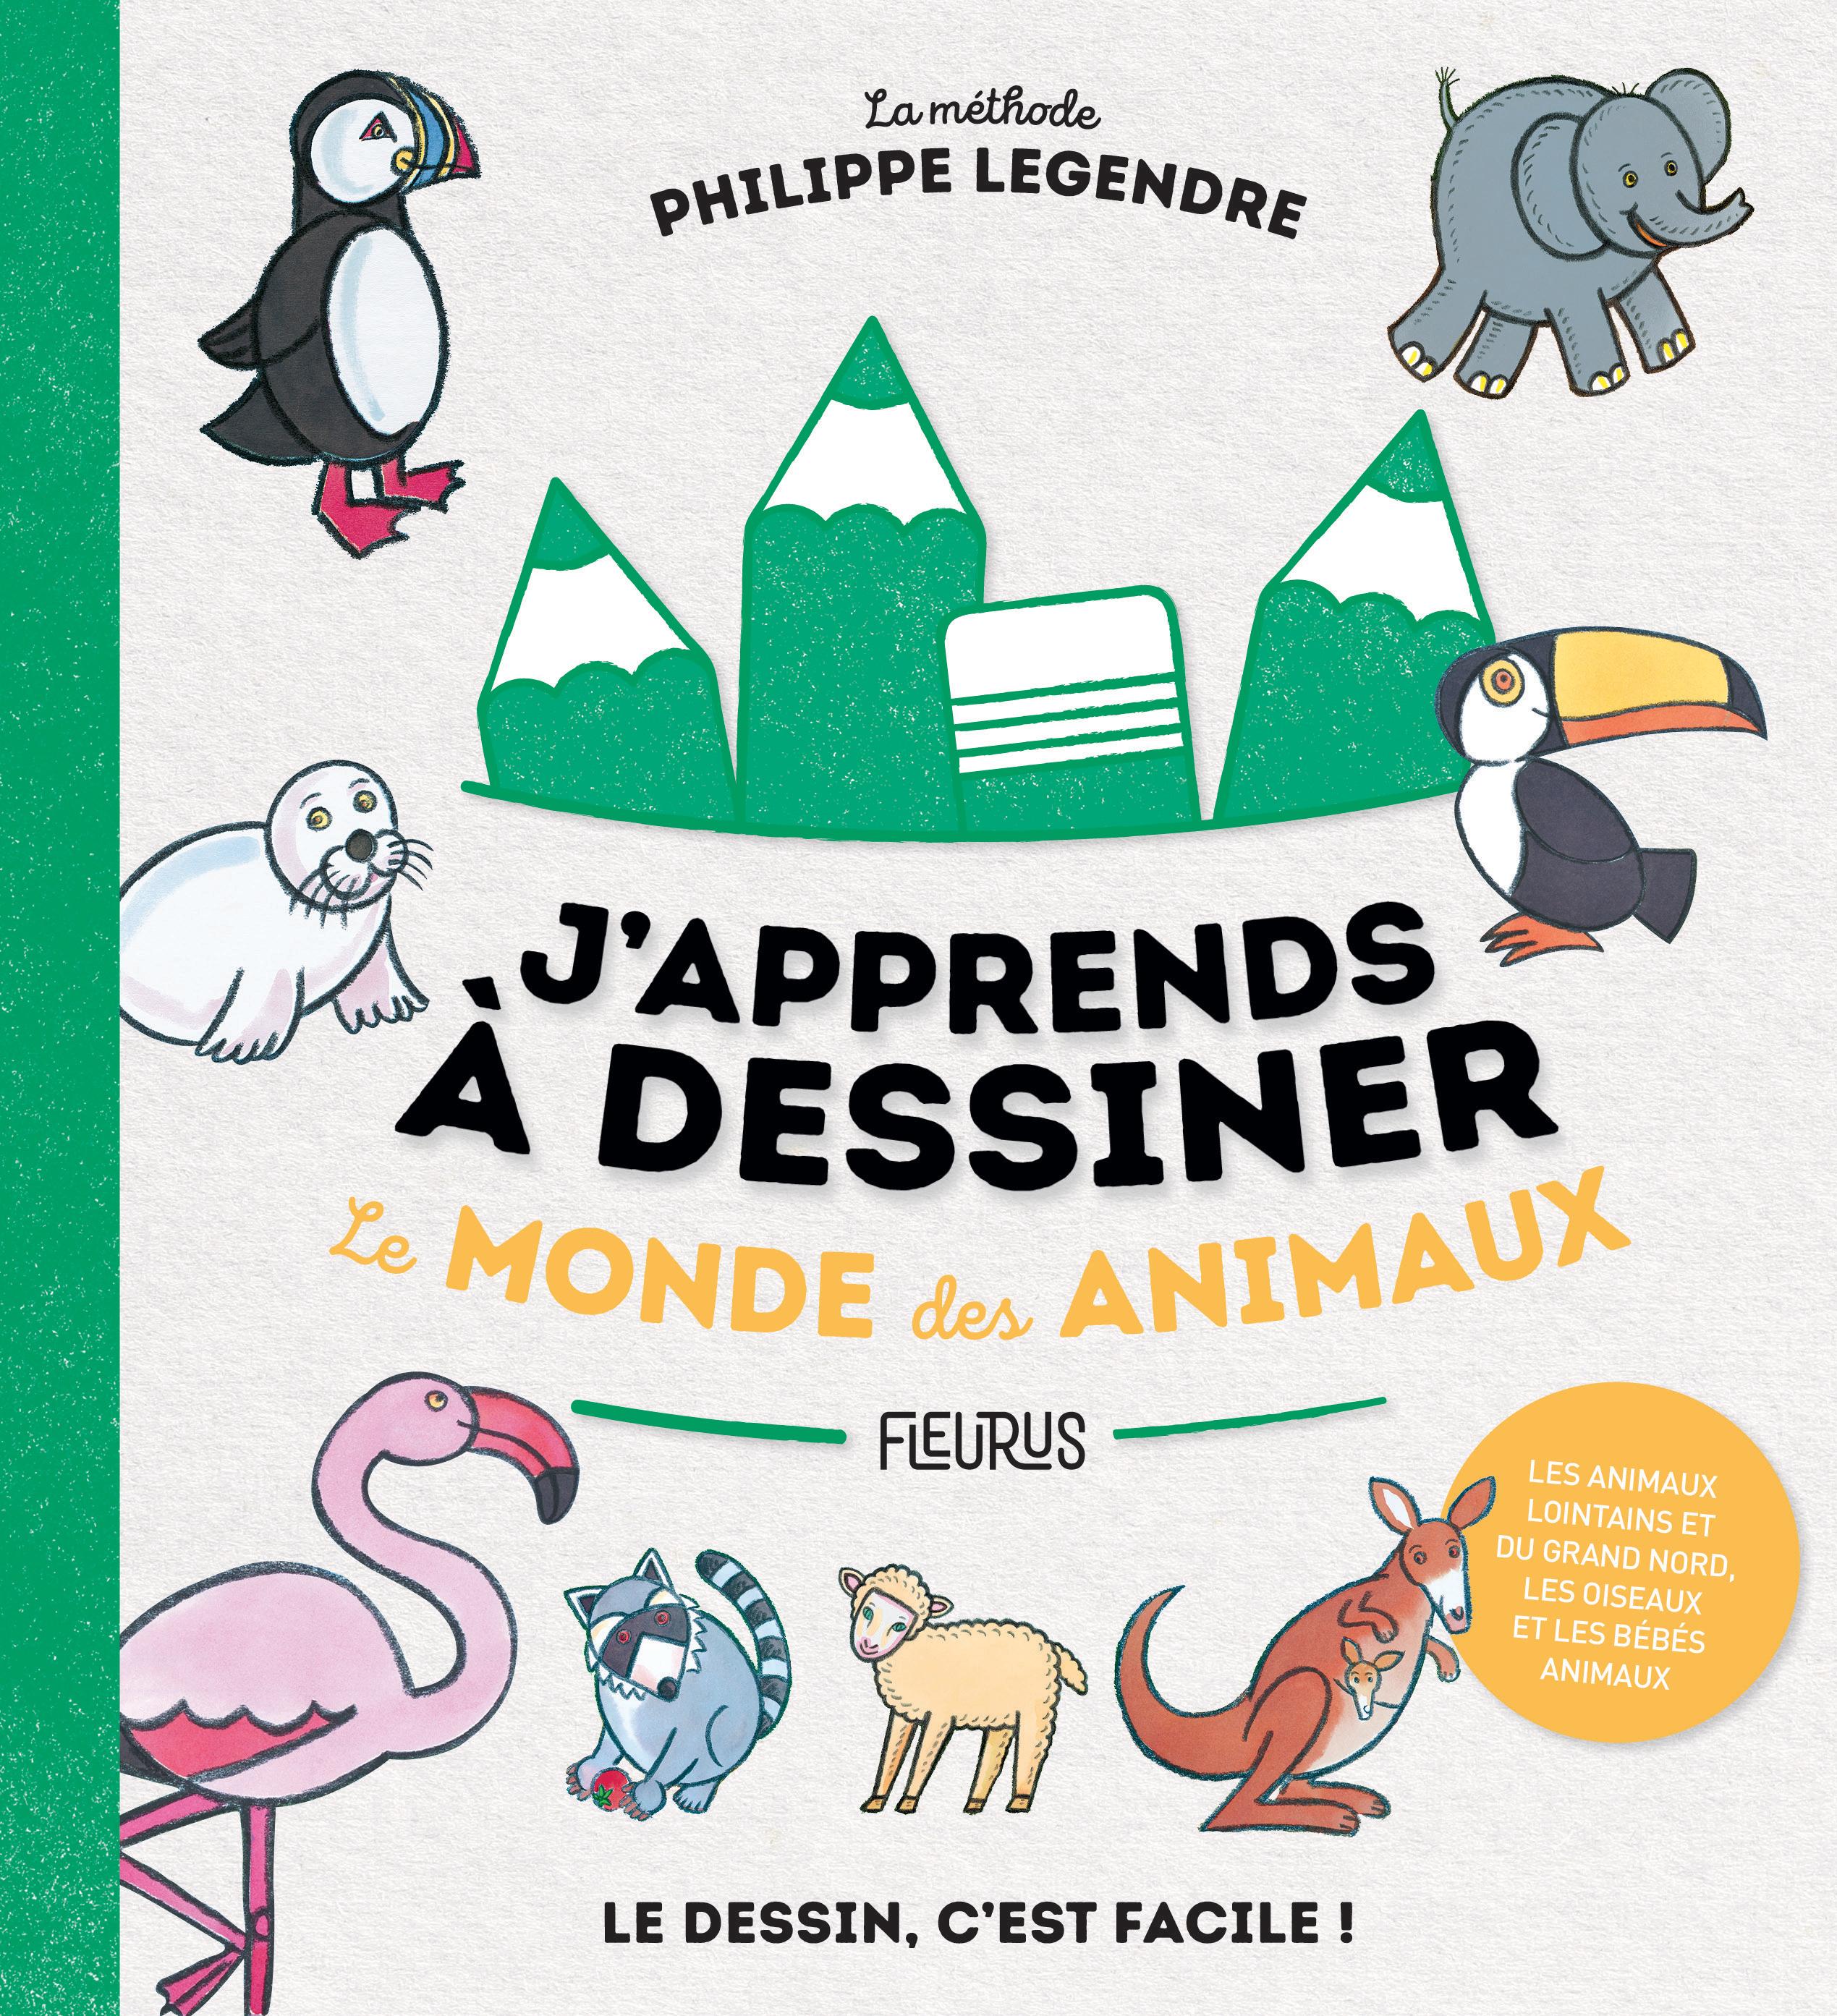 J'APPRENDS A DESSINER LE MONDE DES ANIMAUX